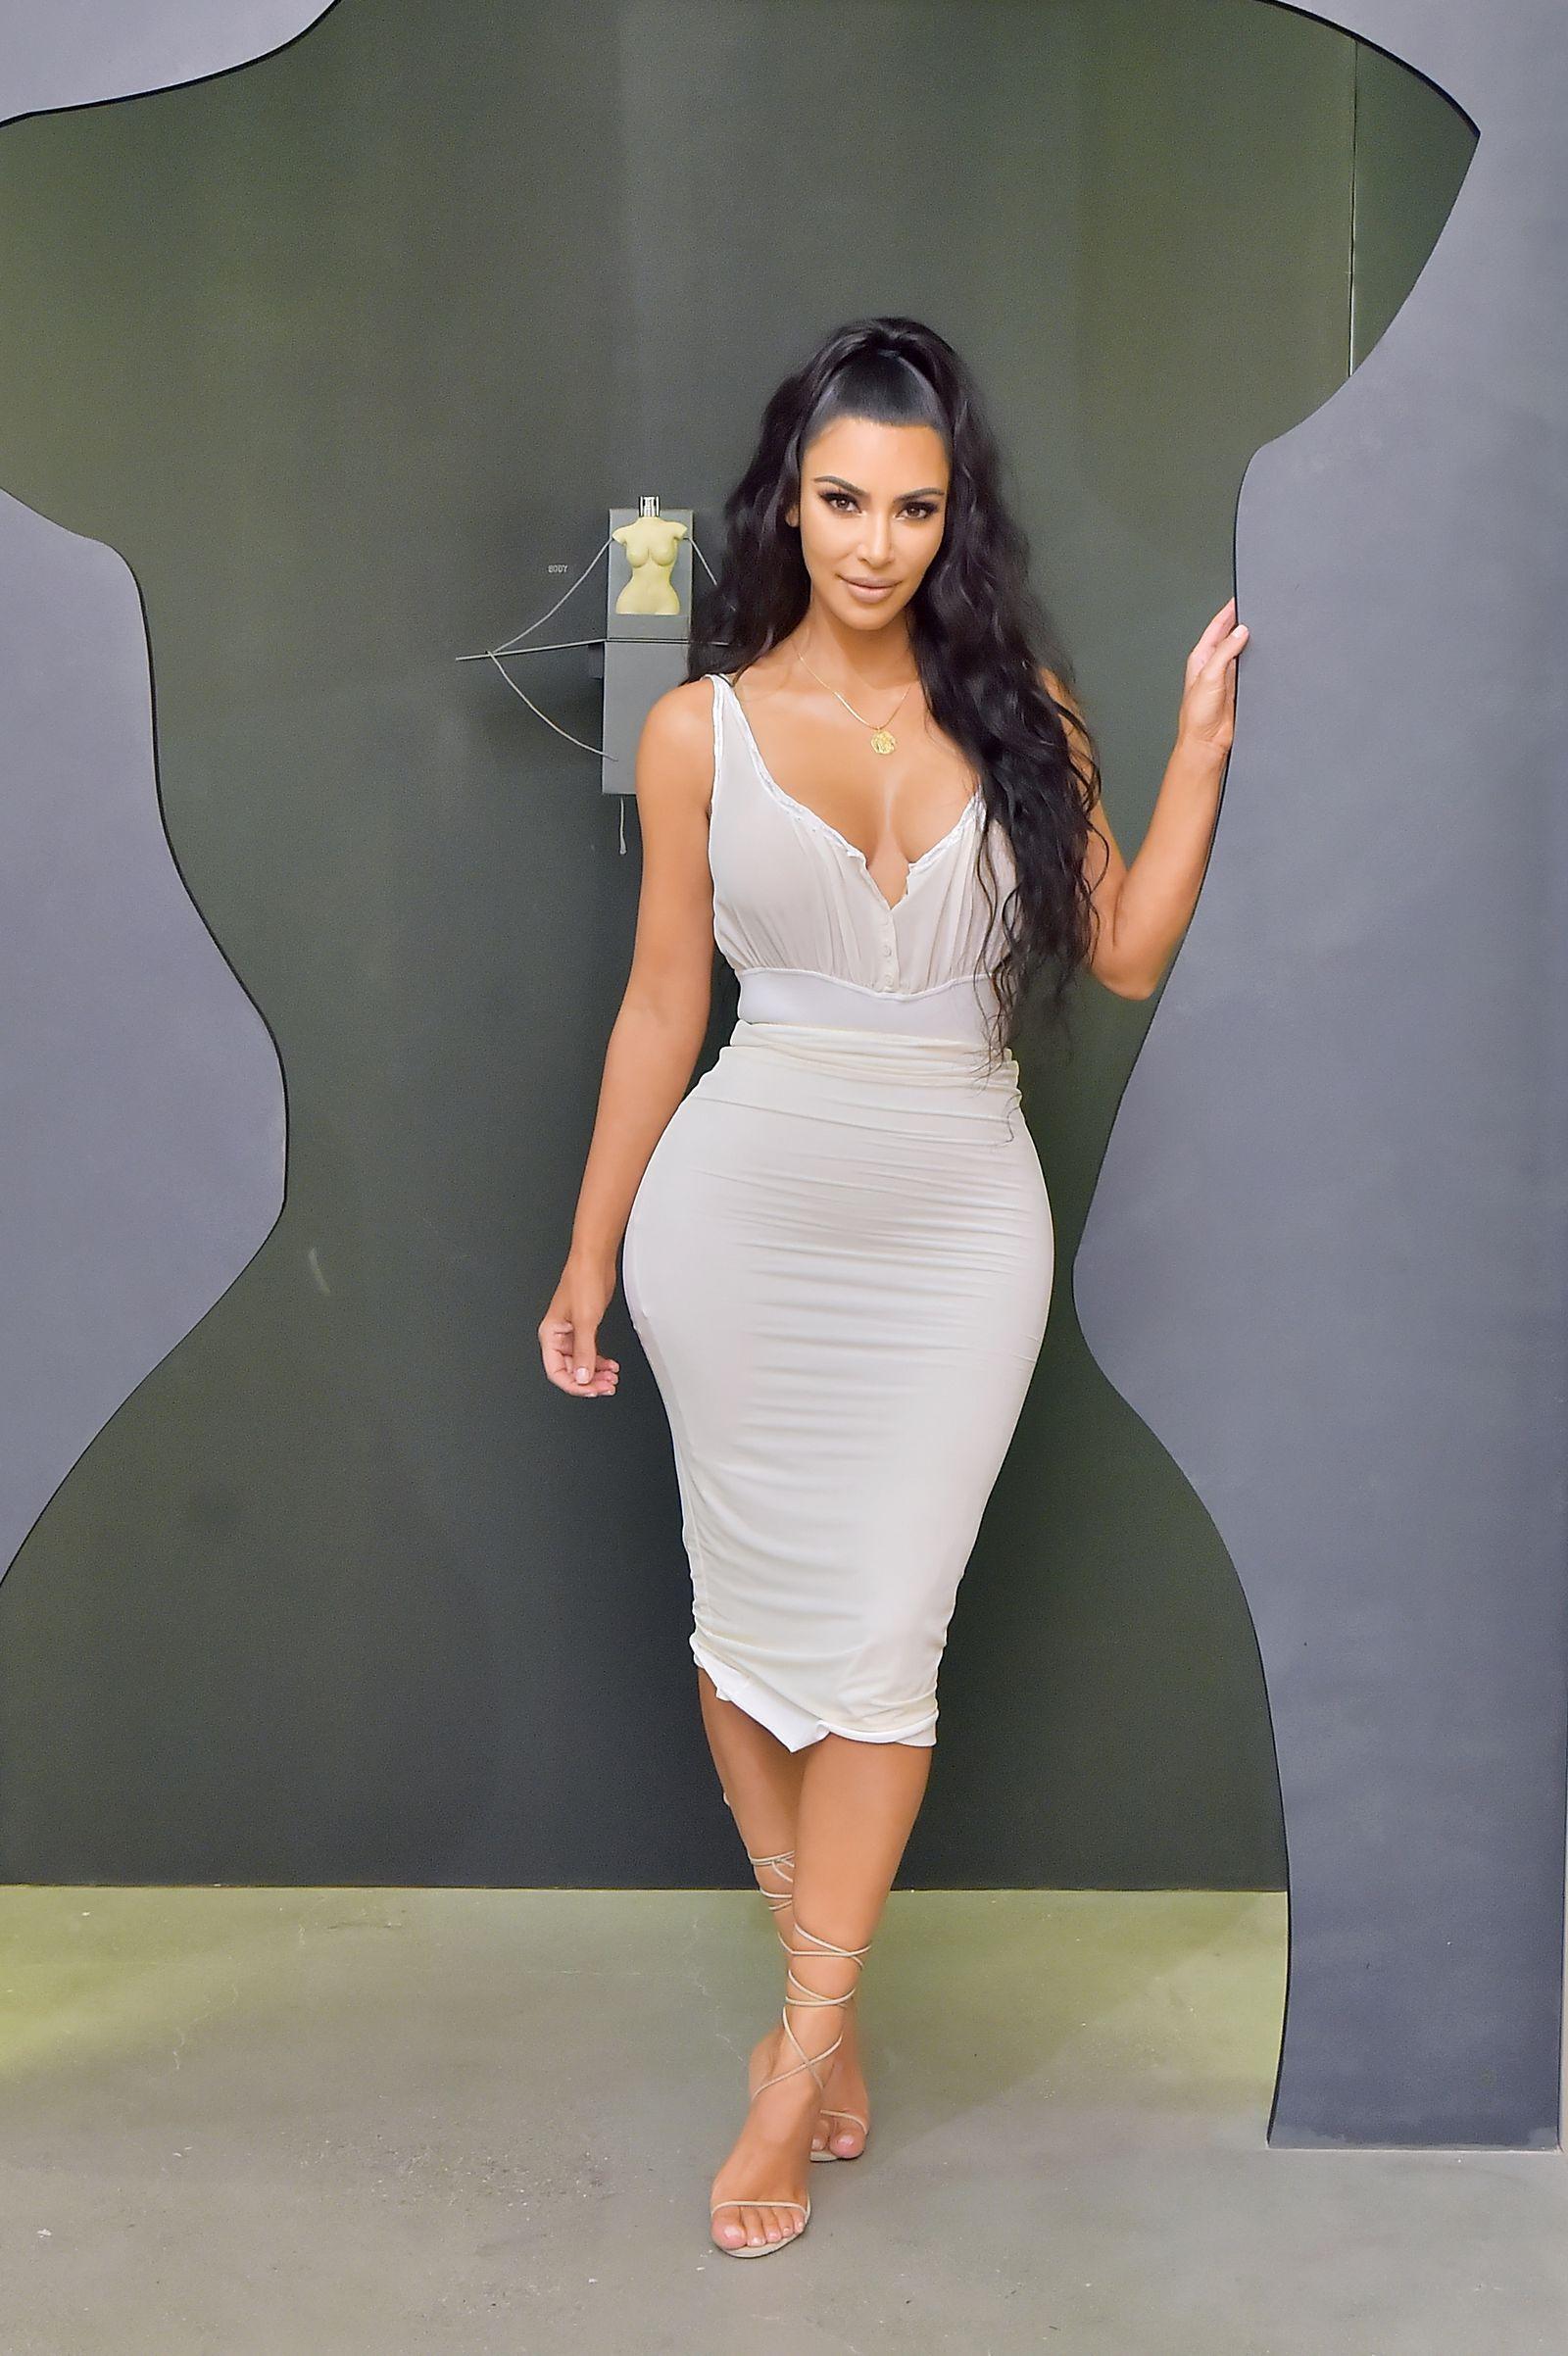 Yesterday Kim Kardashian Made 1 Million A Minute On Her New Kimoji Fragrances Kim Kardashian Style Kim Kardashian Outfits Kim Kardashian Dresses